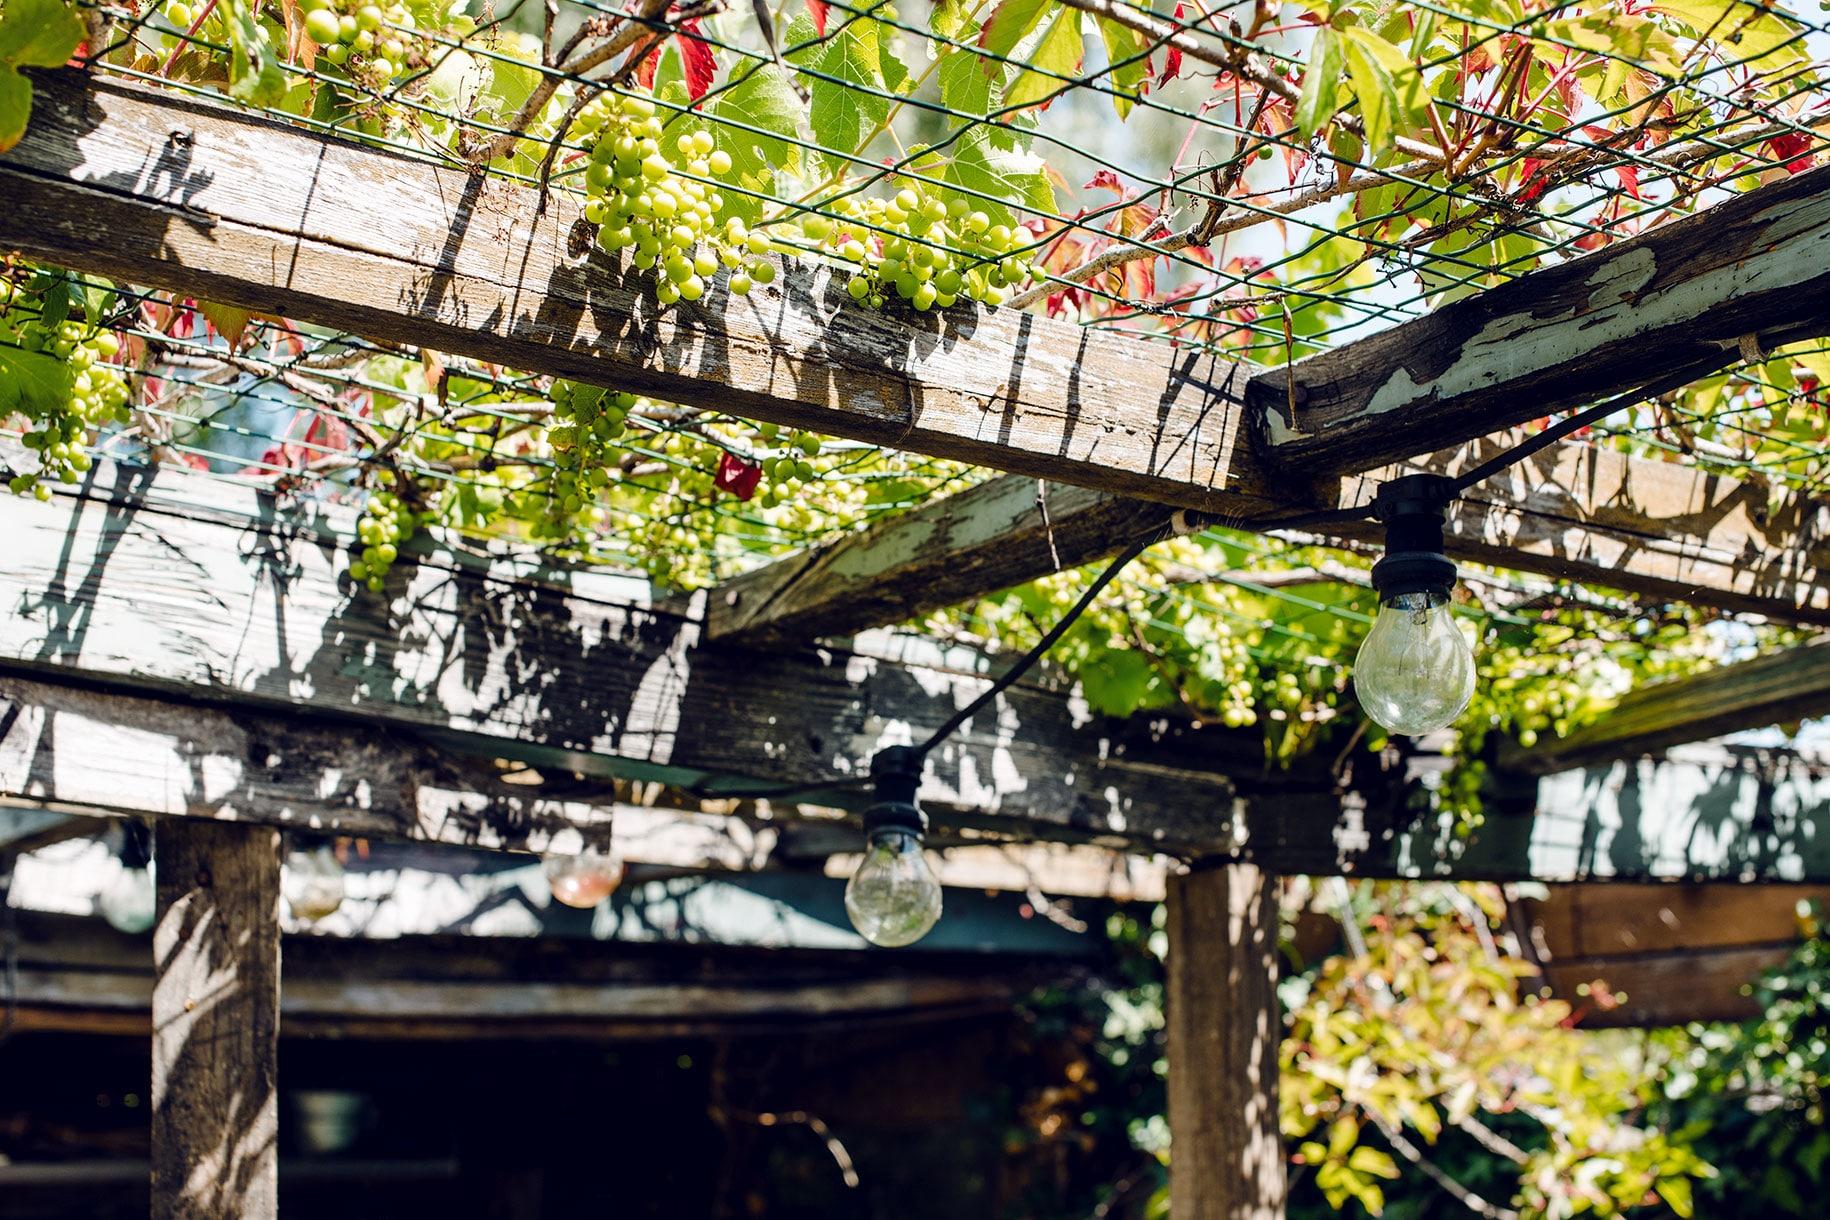 Vigne sauvage poussant sur le toit d'une véranda abandonnée